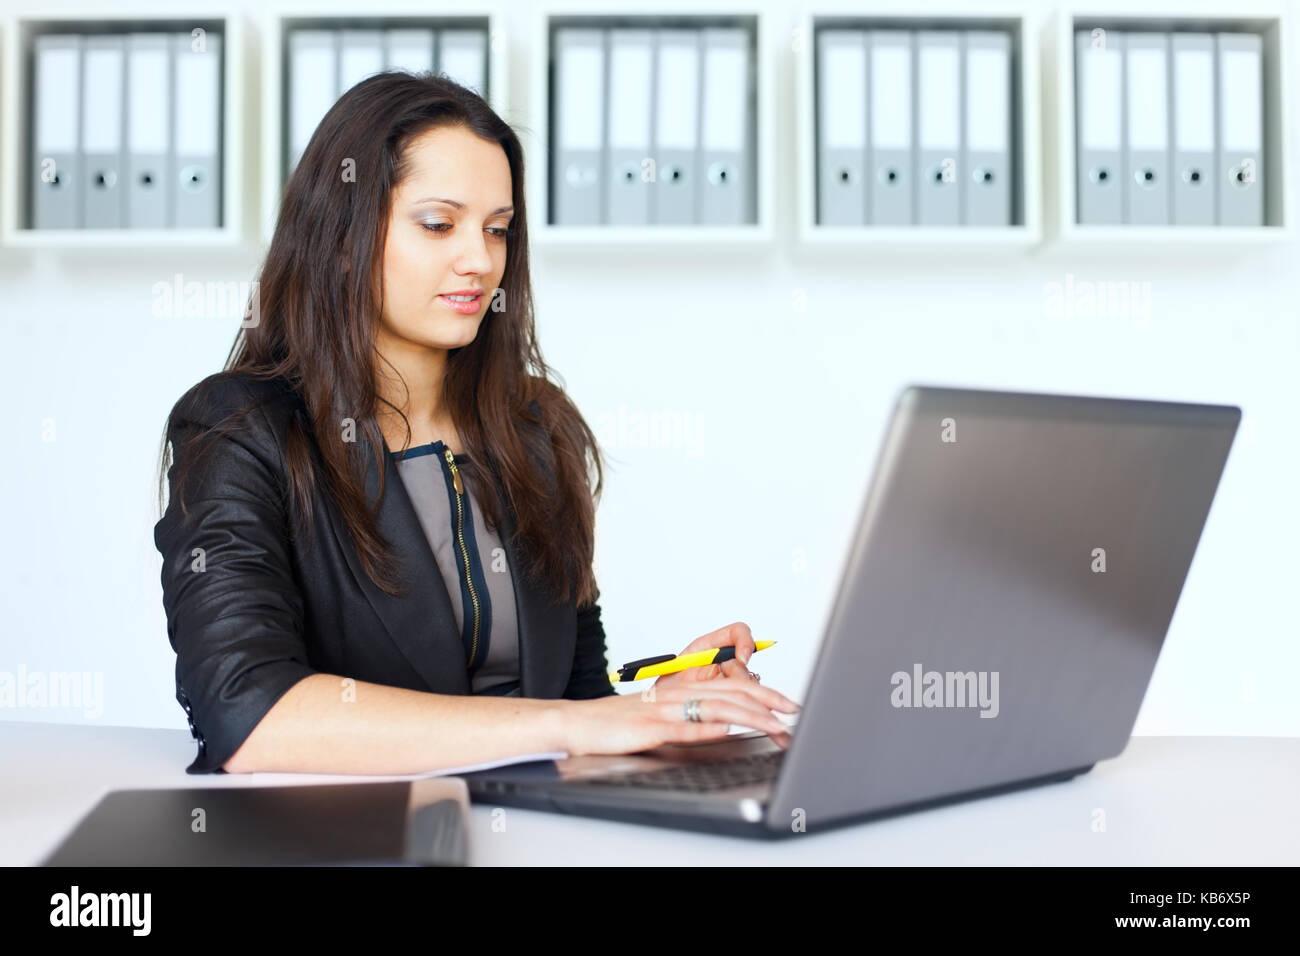 Porträt der schöne Junge brunette business Frau, die an einem Notebook arbeitet im Büro Stockbild